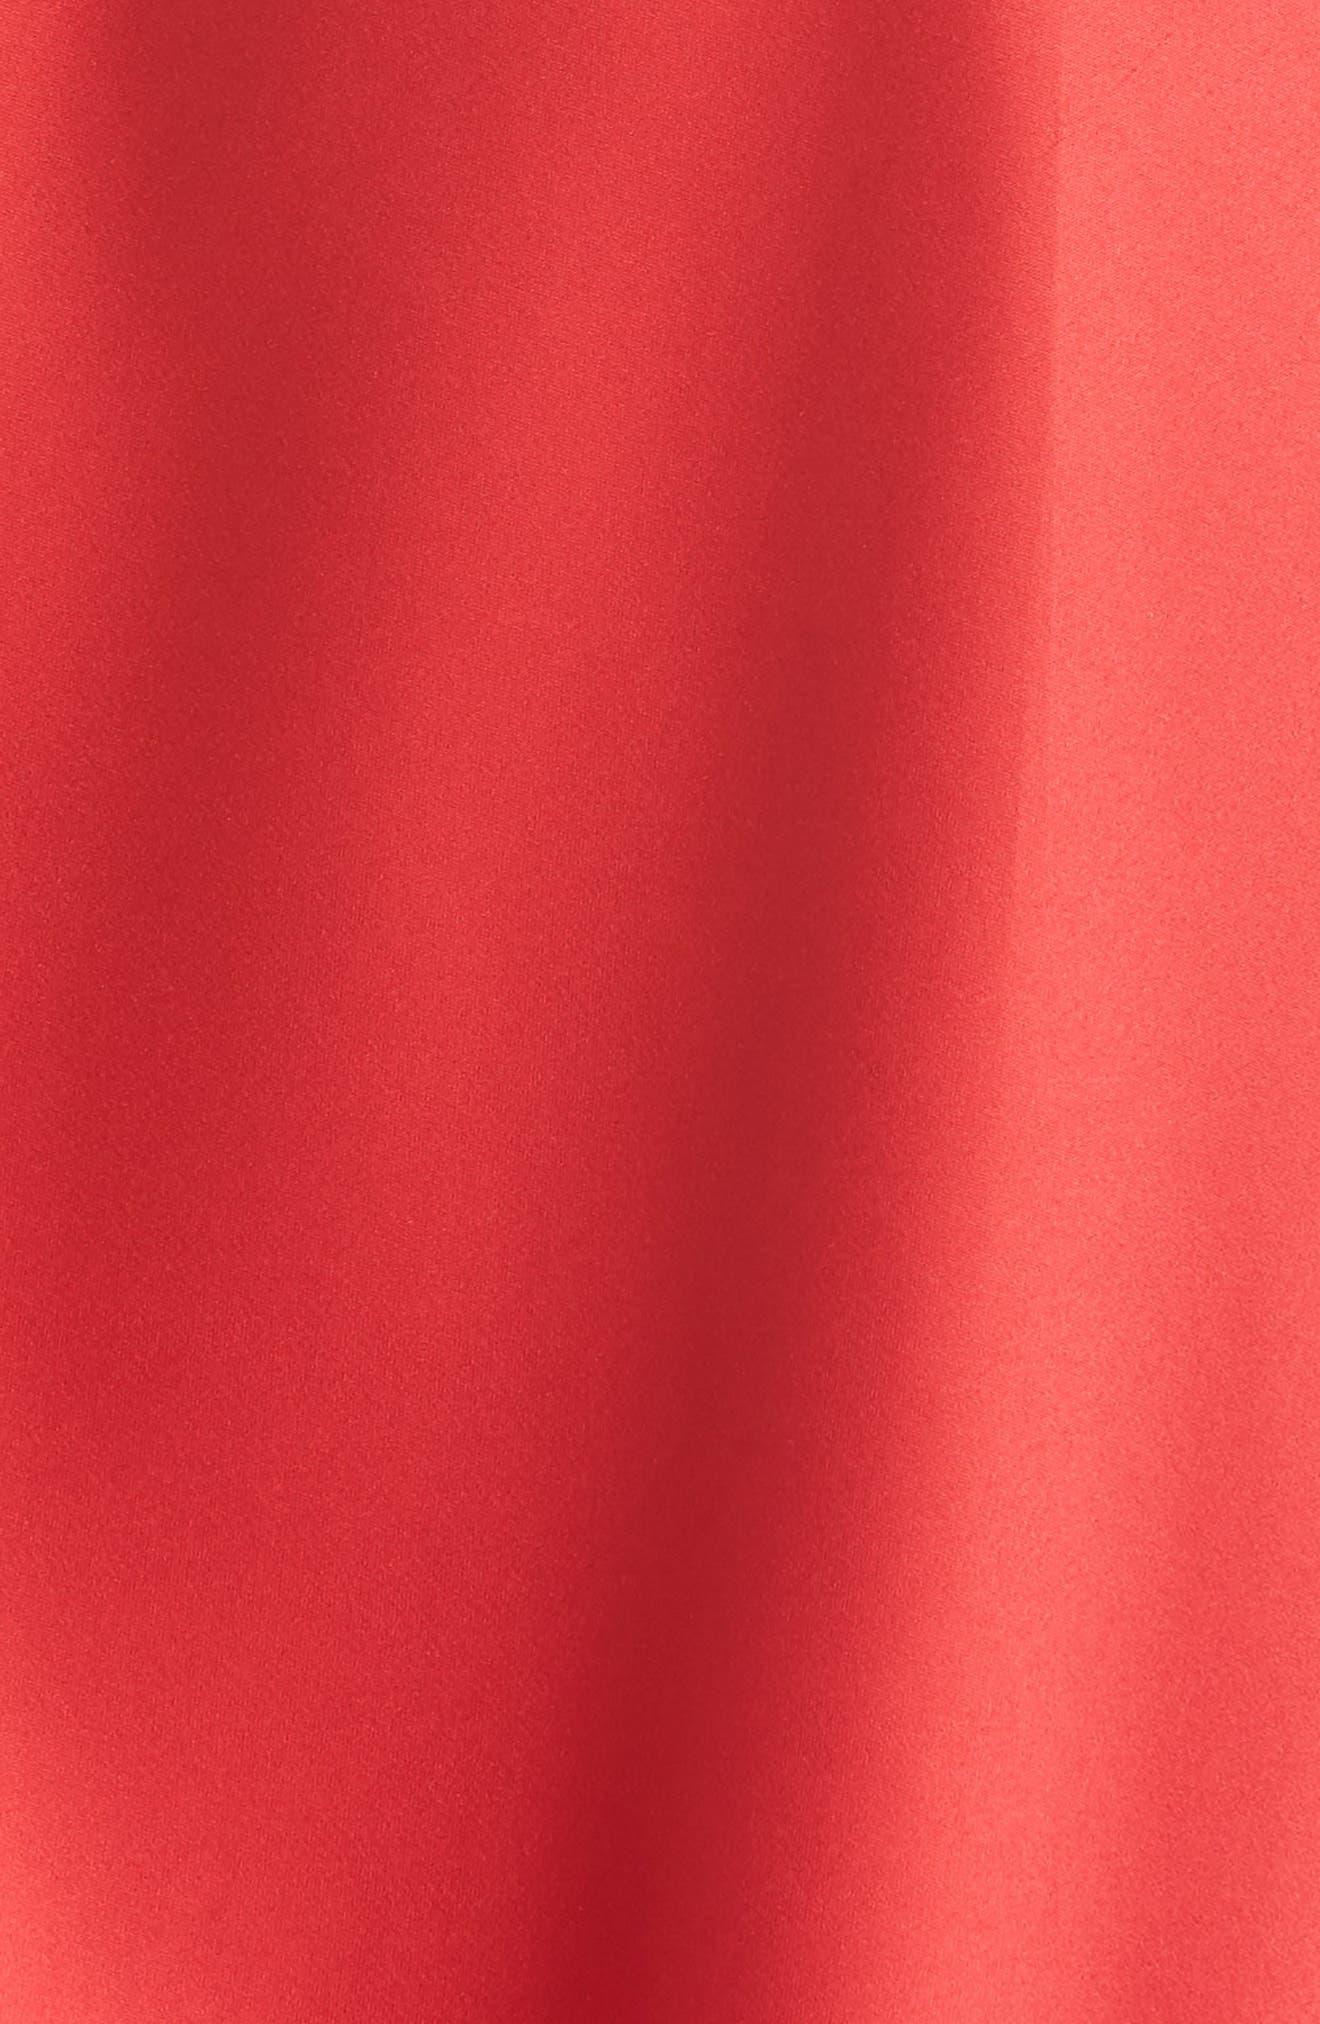 Cherryann Chemise,                             Alternate thumbnail 5, color,                             RED/ BLACK